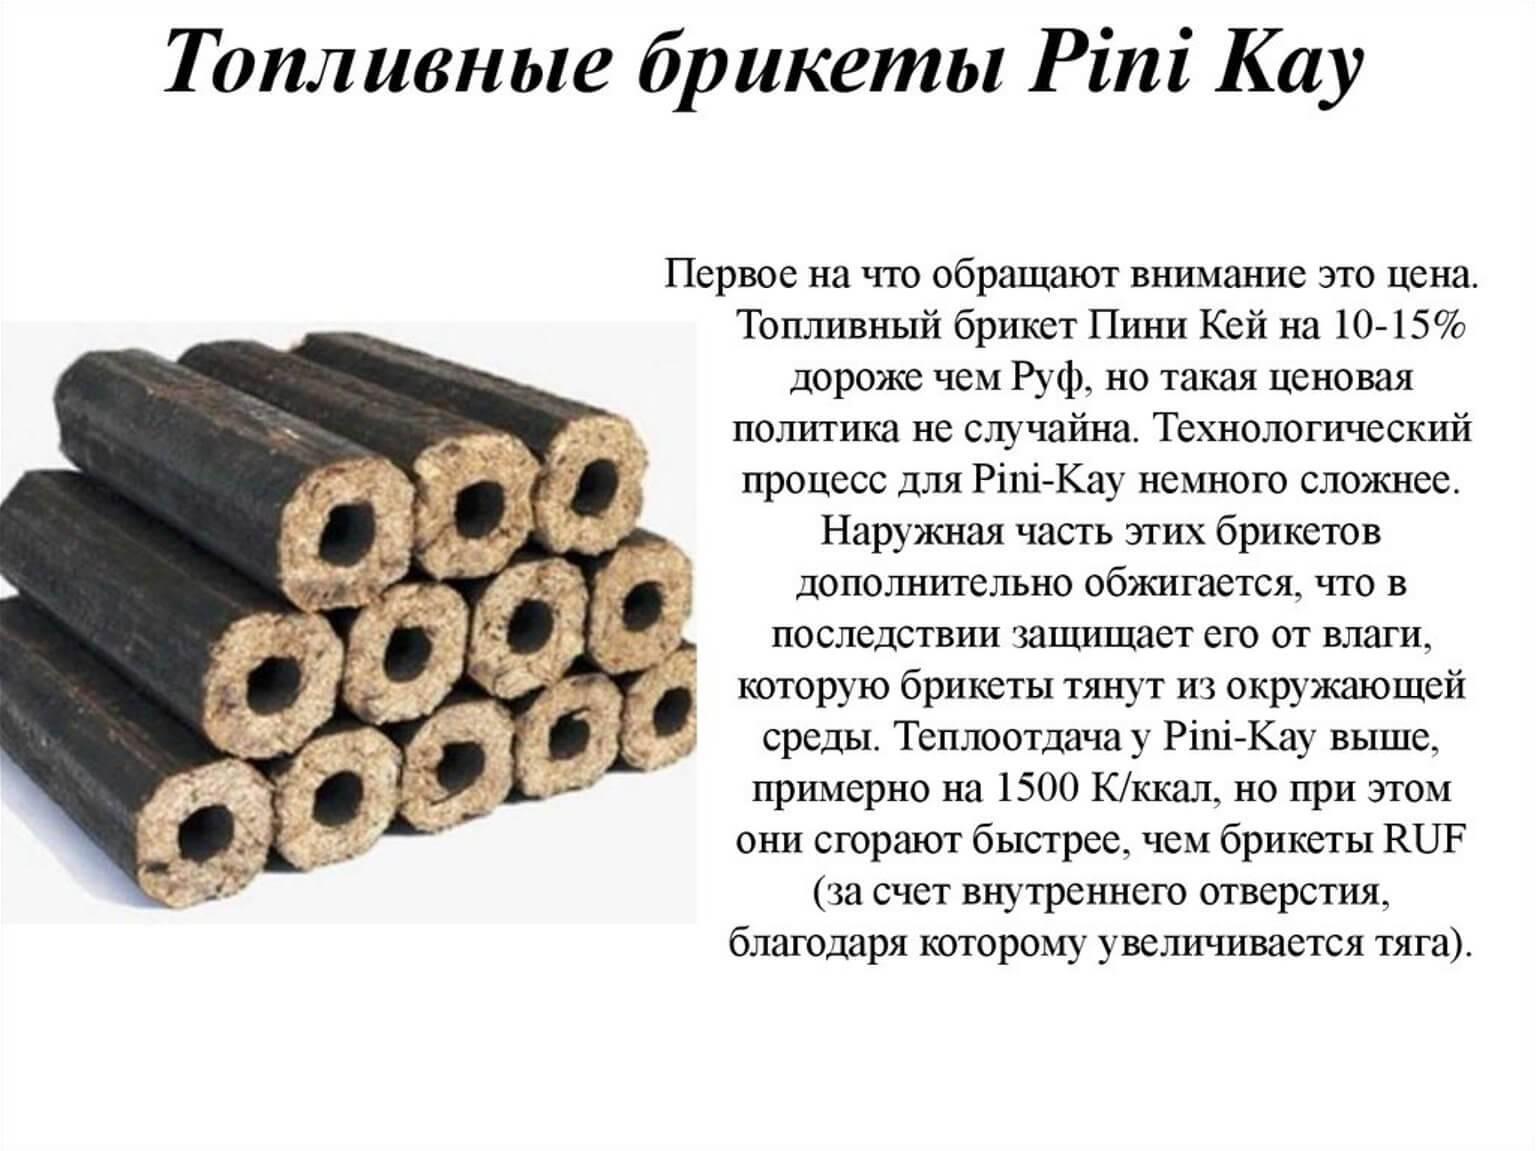 Обзор топливных брикетов Pini Kay с пользовательскими отзывами